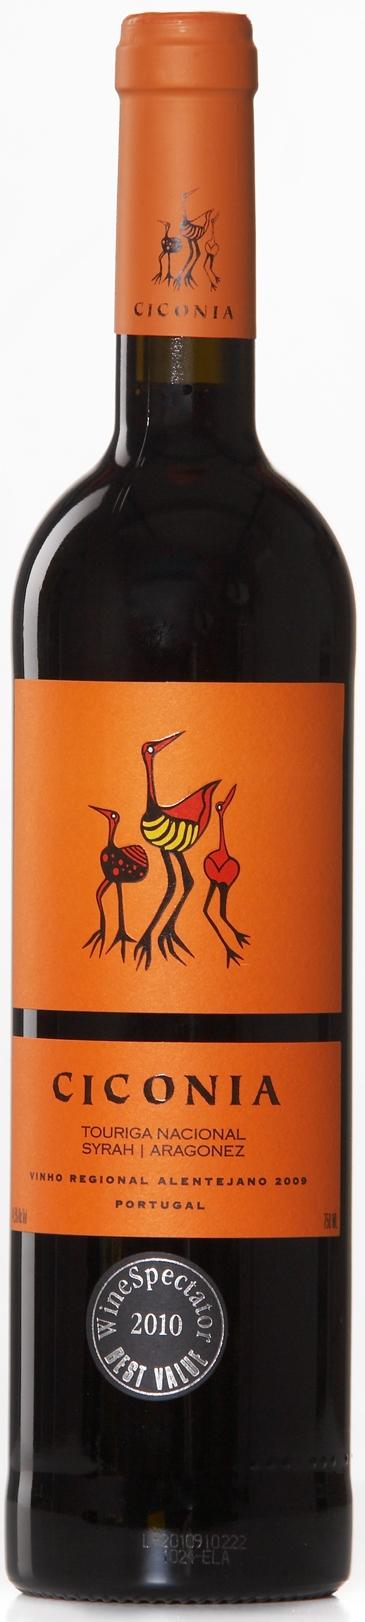 Ciconia Casa Agr Alexandre Relvas Vinho Tinto 2010 Expert